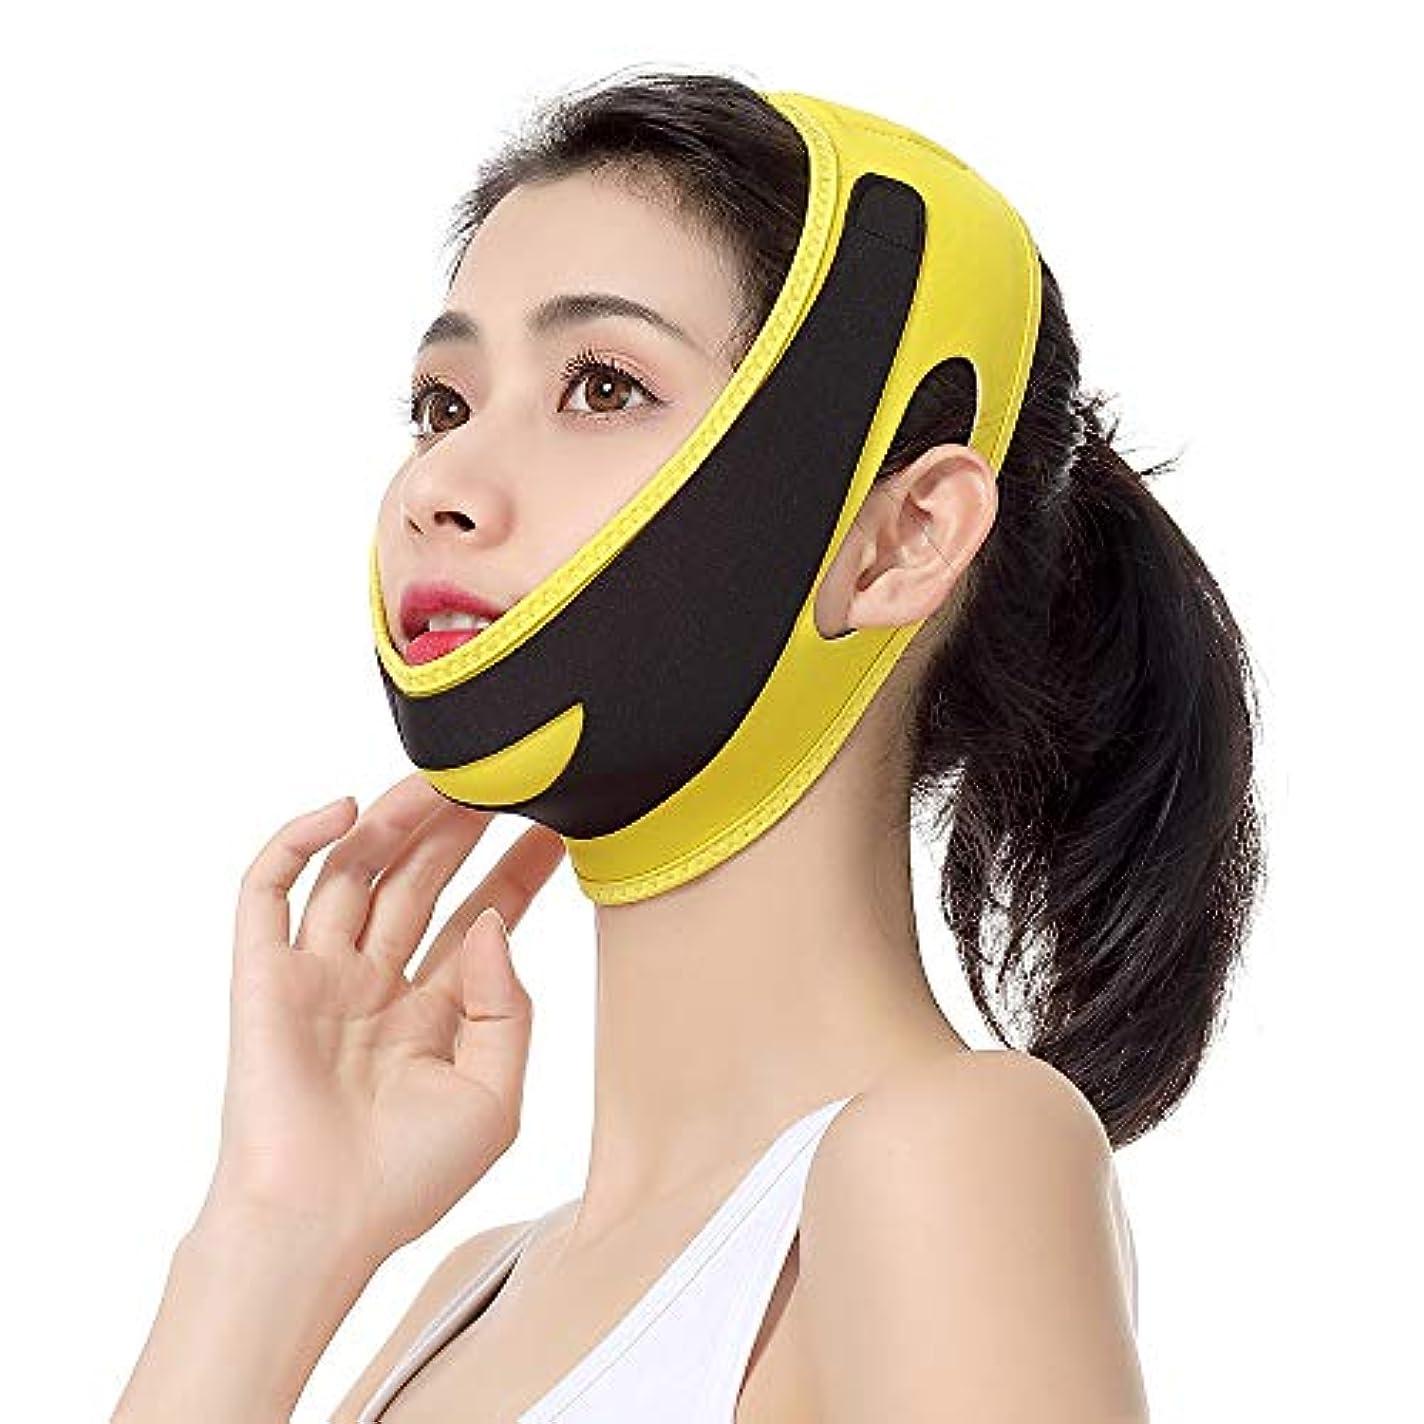 仮装サンプル犯すフェイススリミングチークマスク、フェイススリムリフティングアップスキンバンデージフェイスケア用